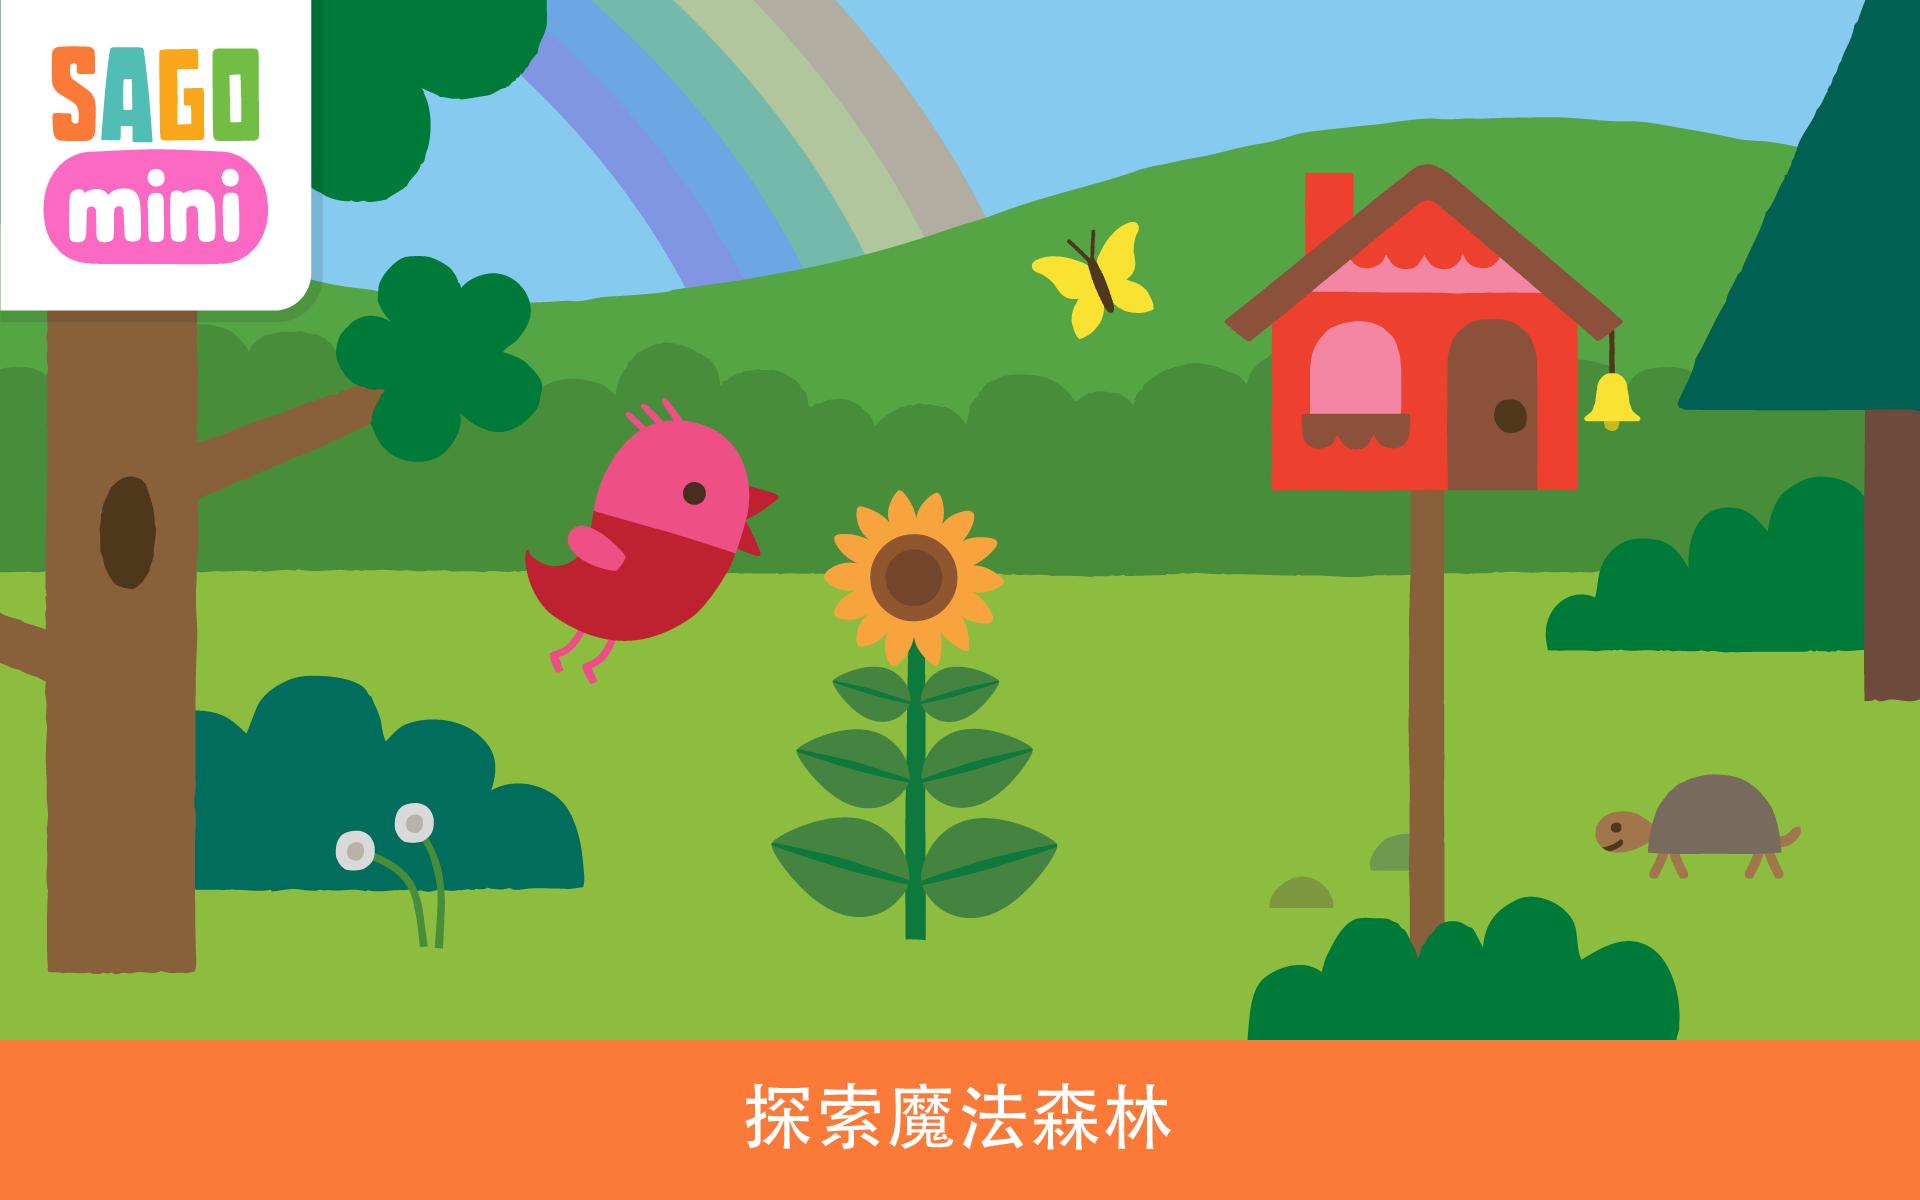 赛哥迷你 森林飞客-亚马逊应用商店-亚马逊中国